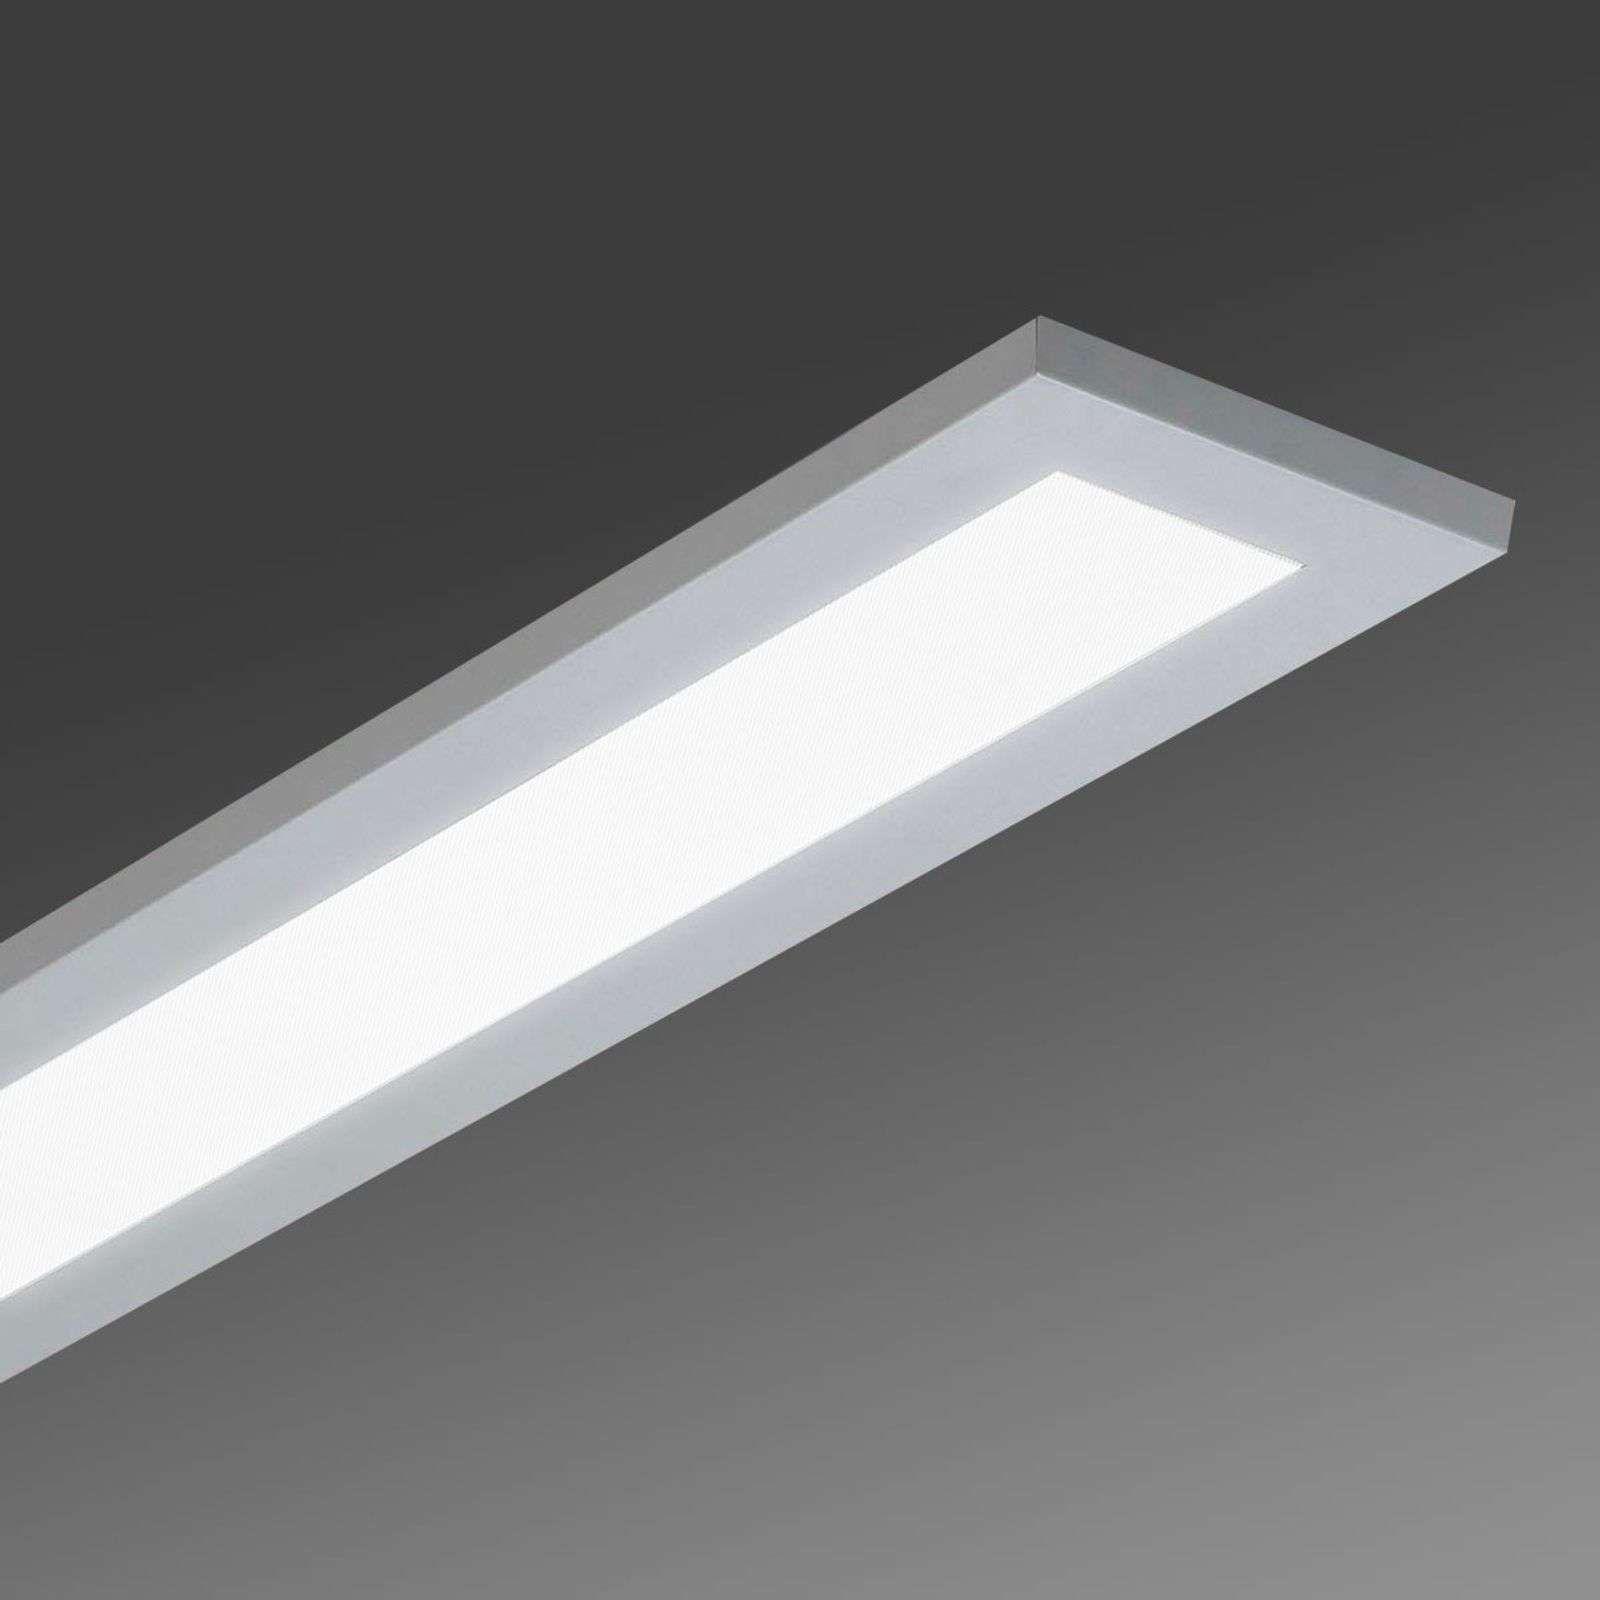 Led Plafondverlichting Inbouw Philips Plafondlampen Led Ophangen Plafondlampen Plafondverlichting Voor Keuken Lampen Plafondlamp Plafondverlichting Led